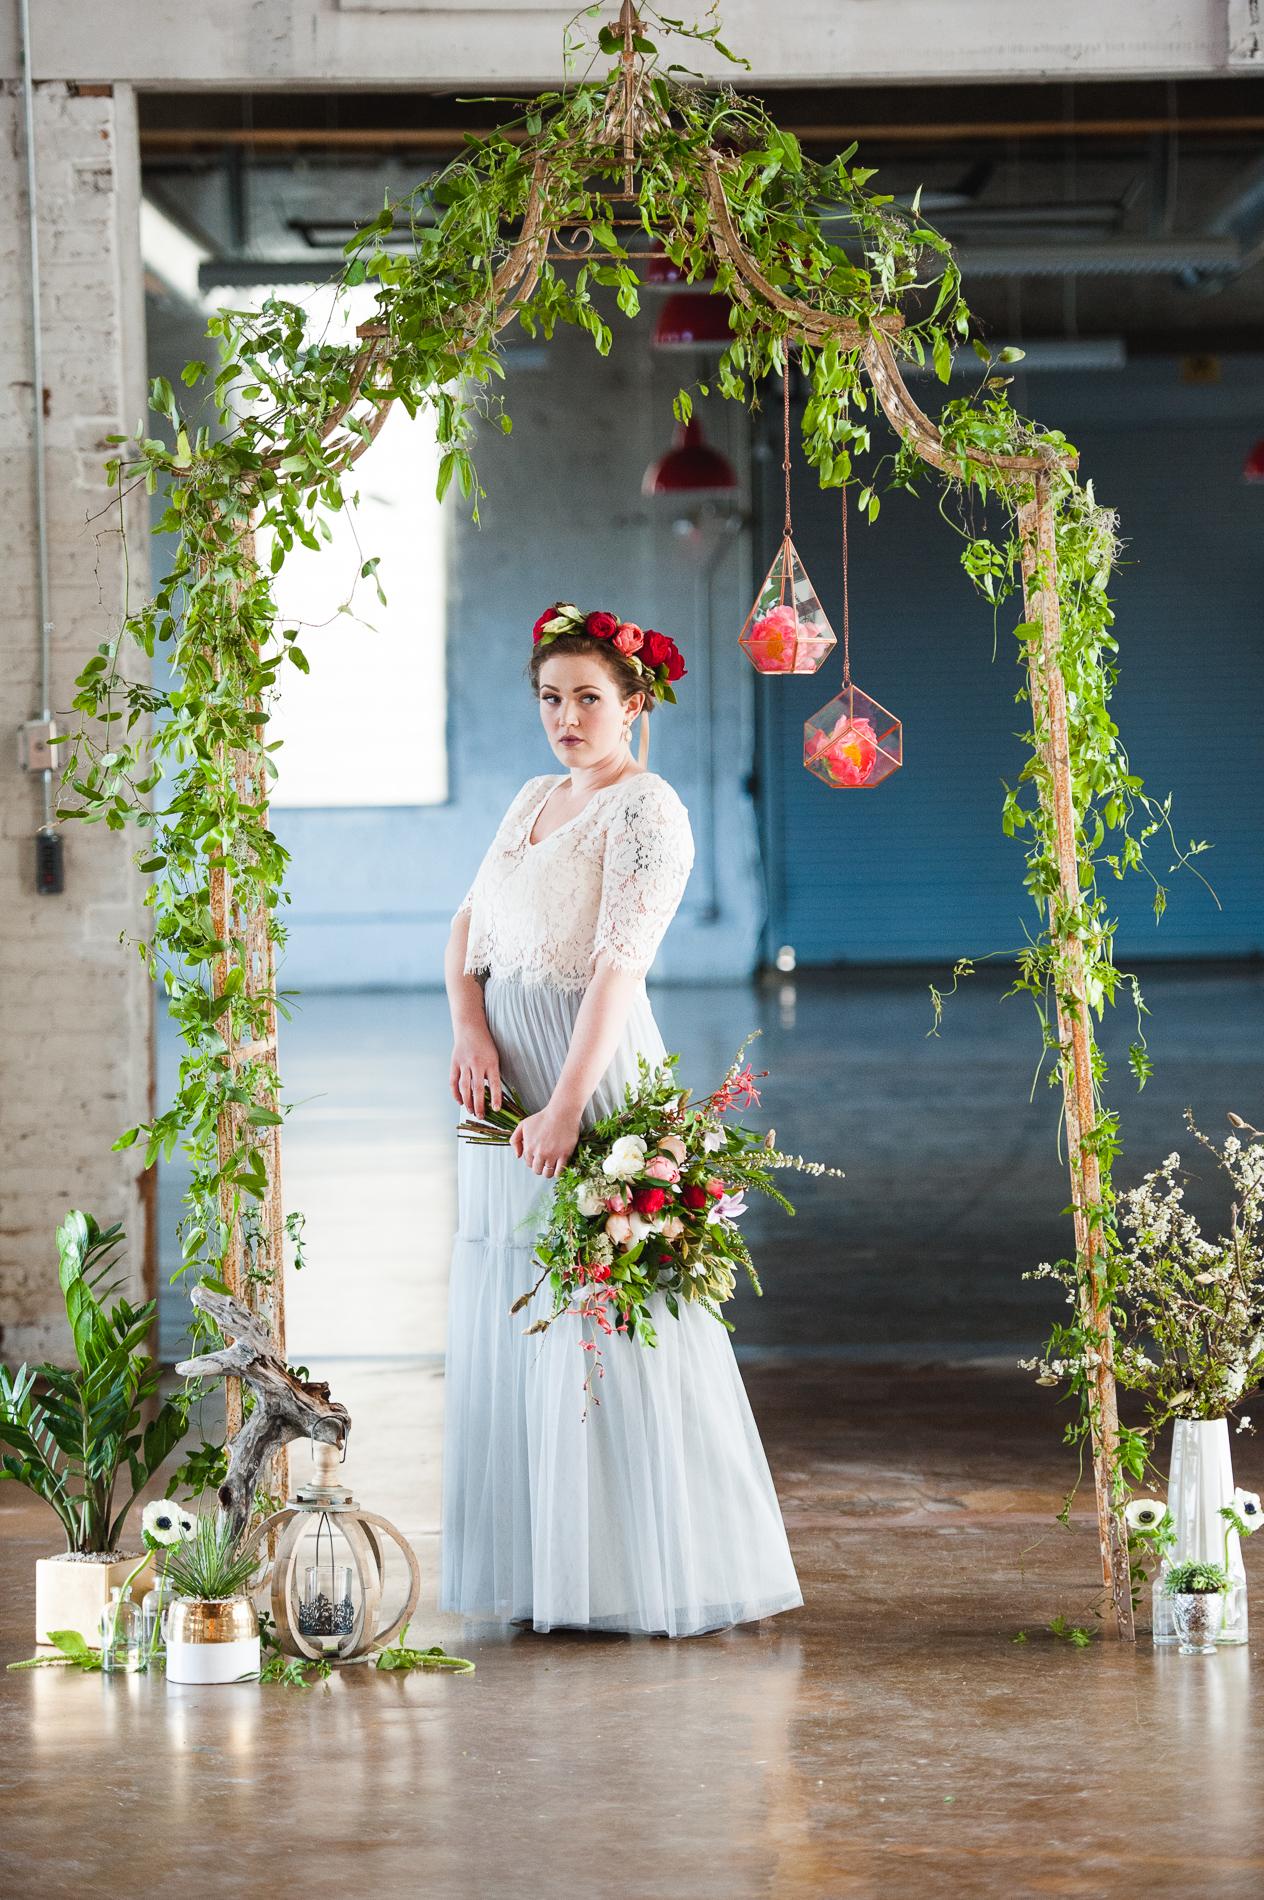 ck-Industrial-Rustic-Wedding-0321.jpg